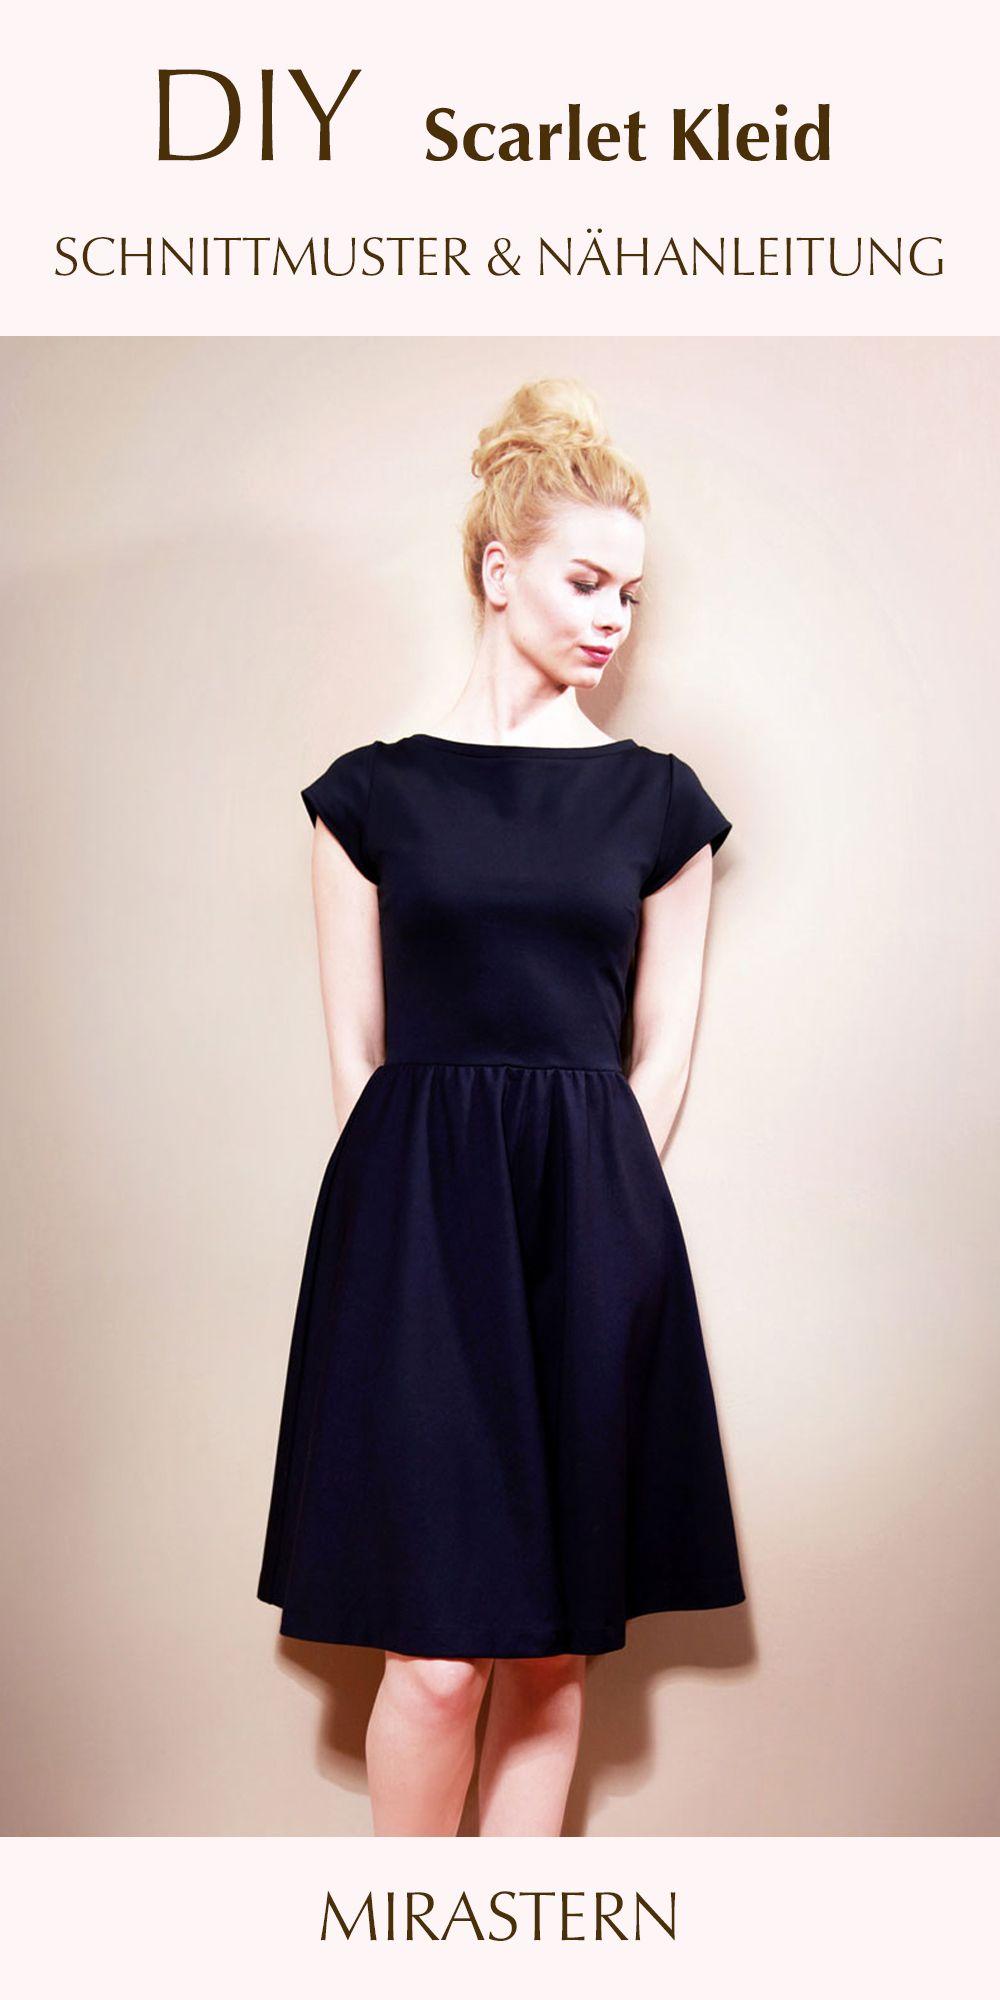 DIY Schnittmuster 11ies Kleid selber nähen in 11  Schnittmuster